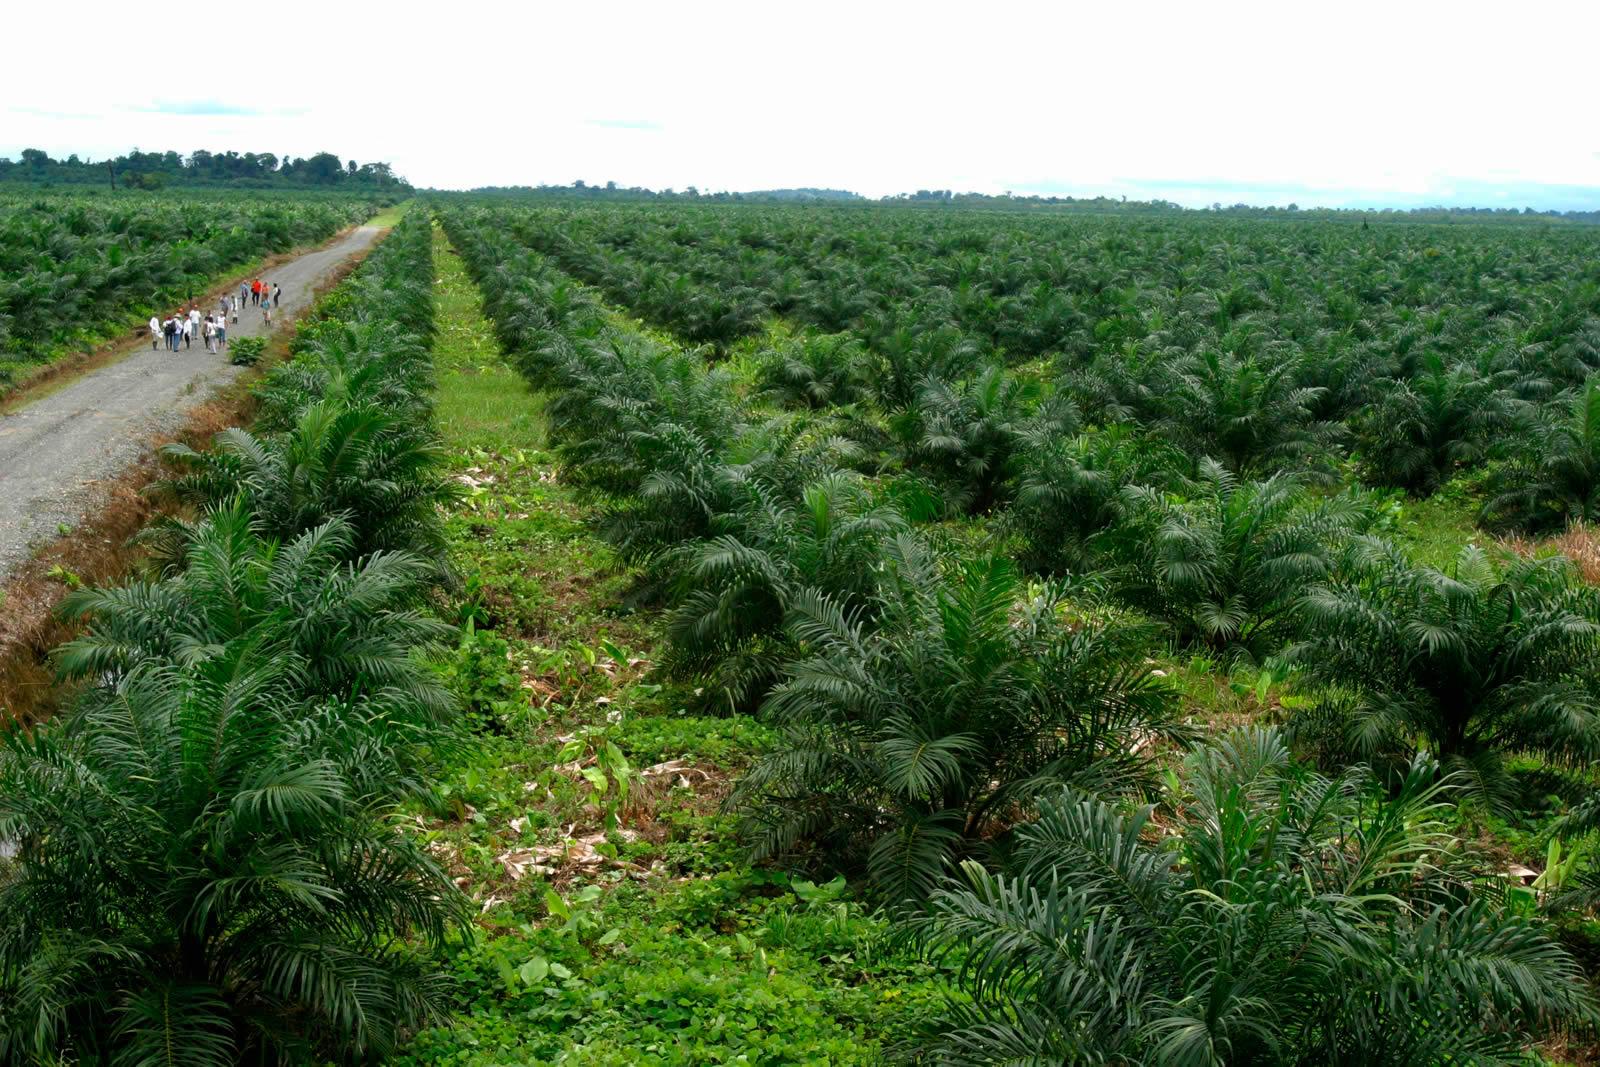 Seguridad alimentaria: una excusa de la agroindustria para expandirse